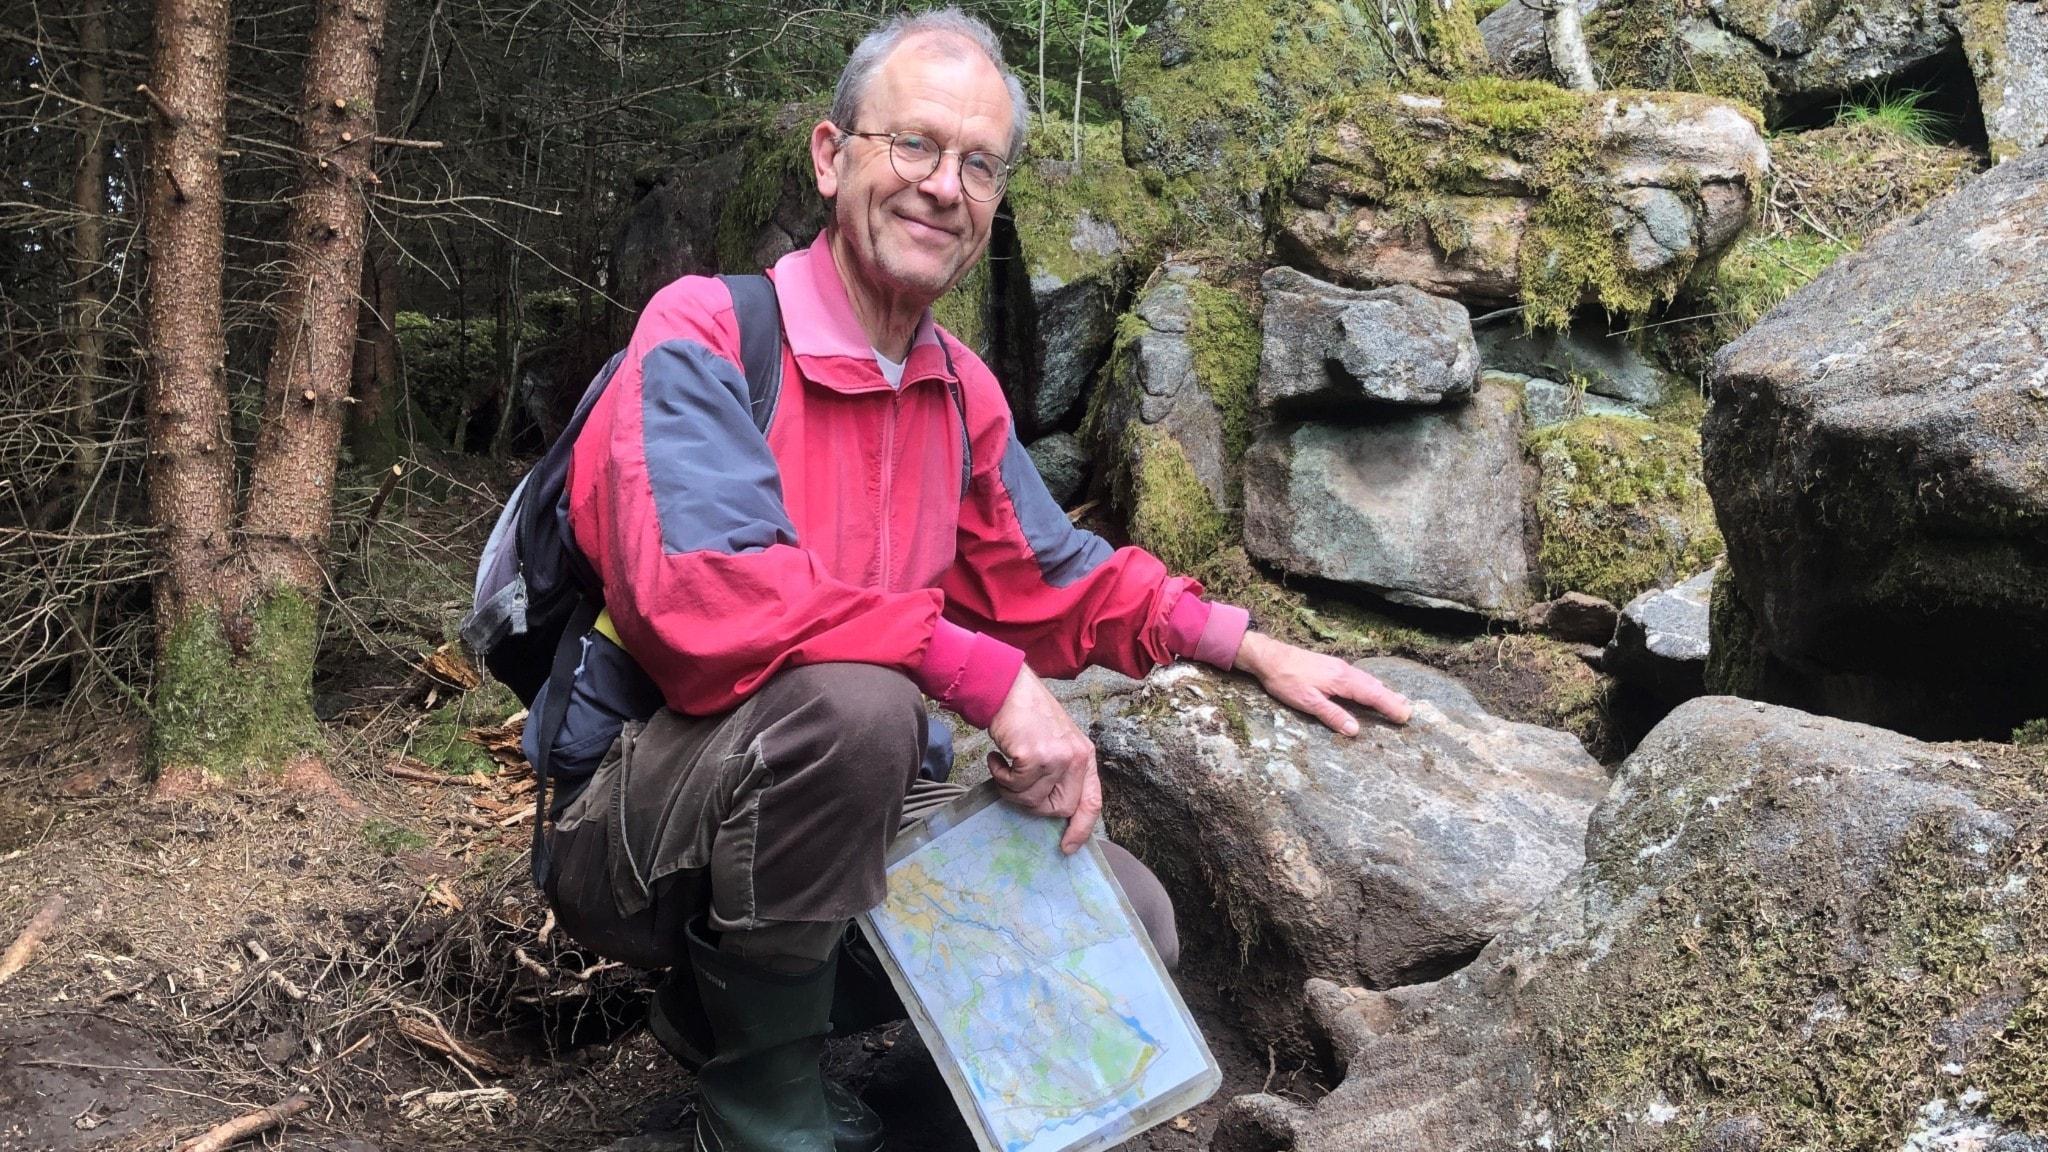 Han fann bronsåldersskatten utanför Alingsås